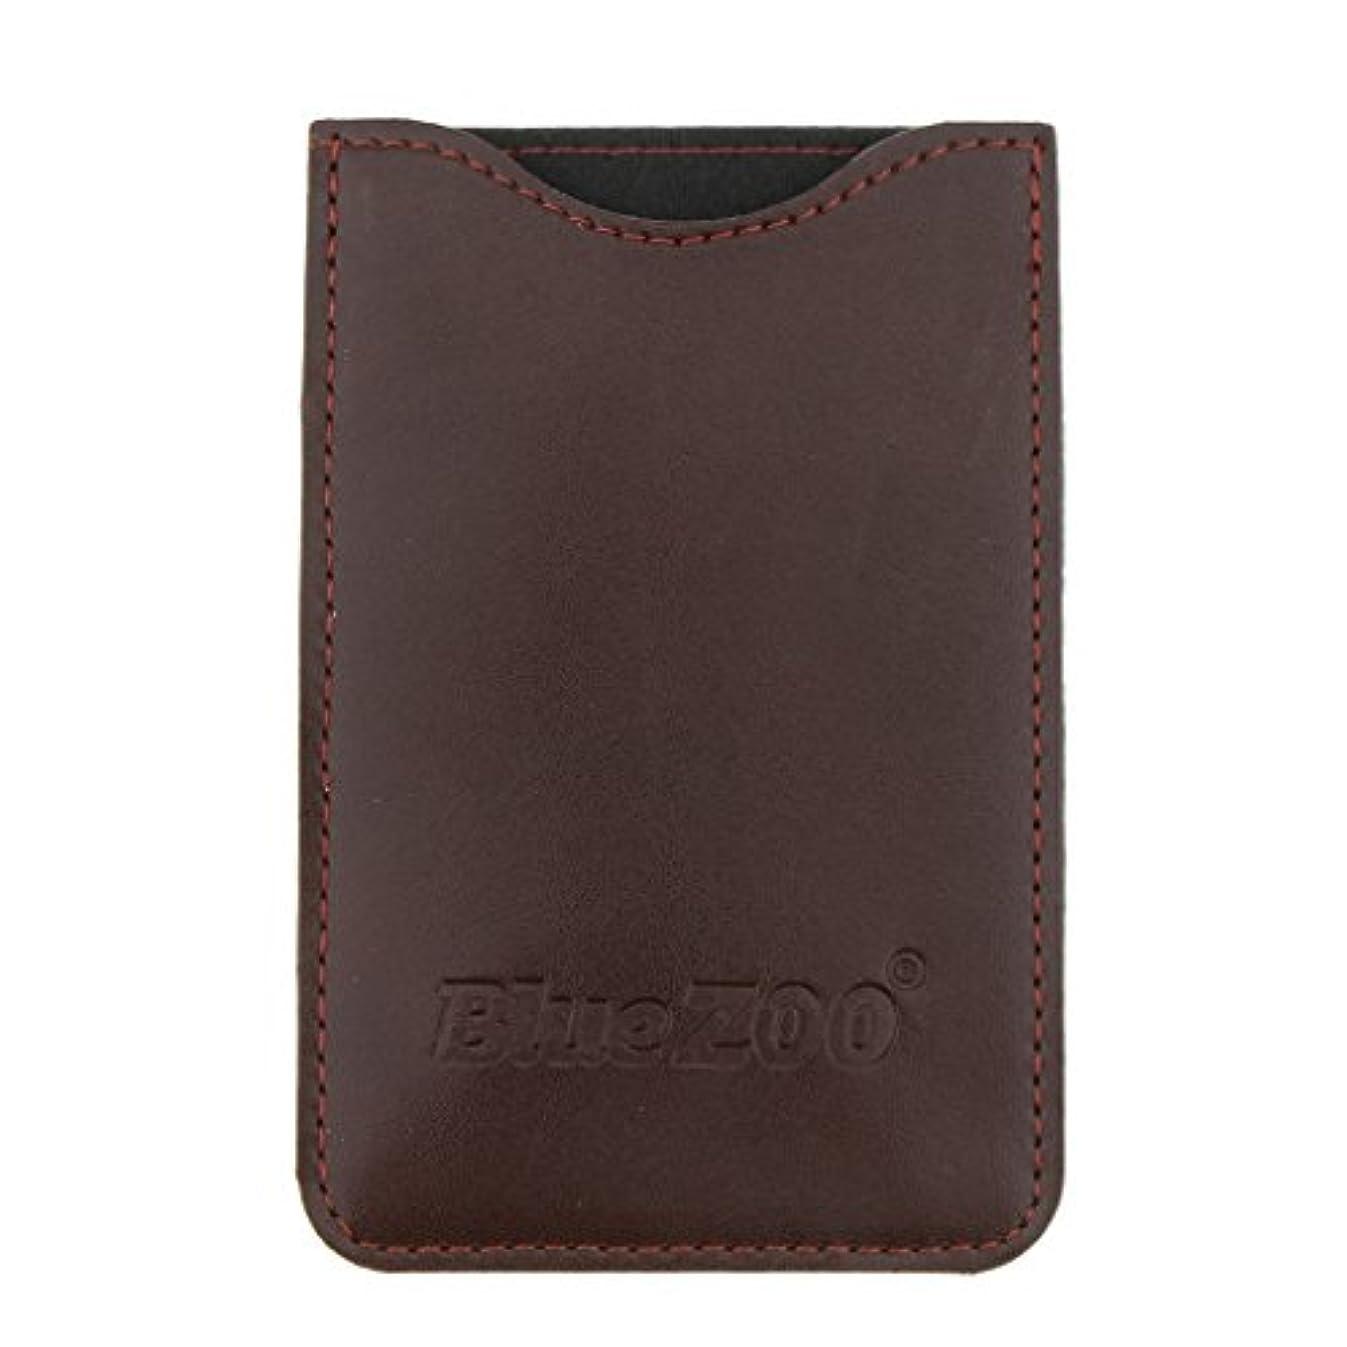 器具喪鈍い木製のポケットヒゲの櫛の保護収納ポーチ、小さな櫛PUレザーケース - 褐色